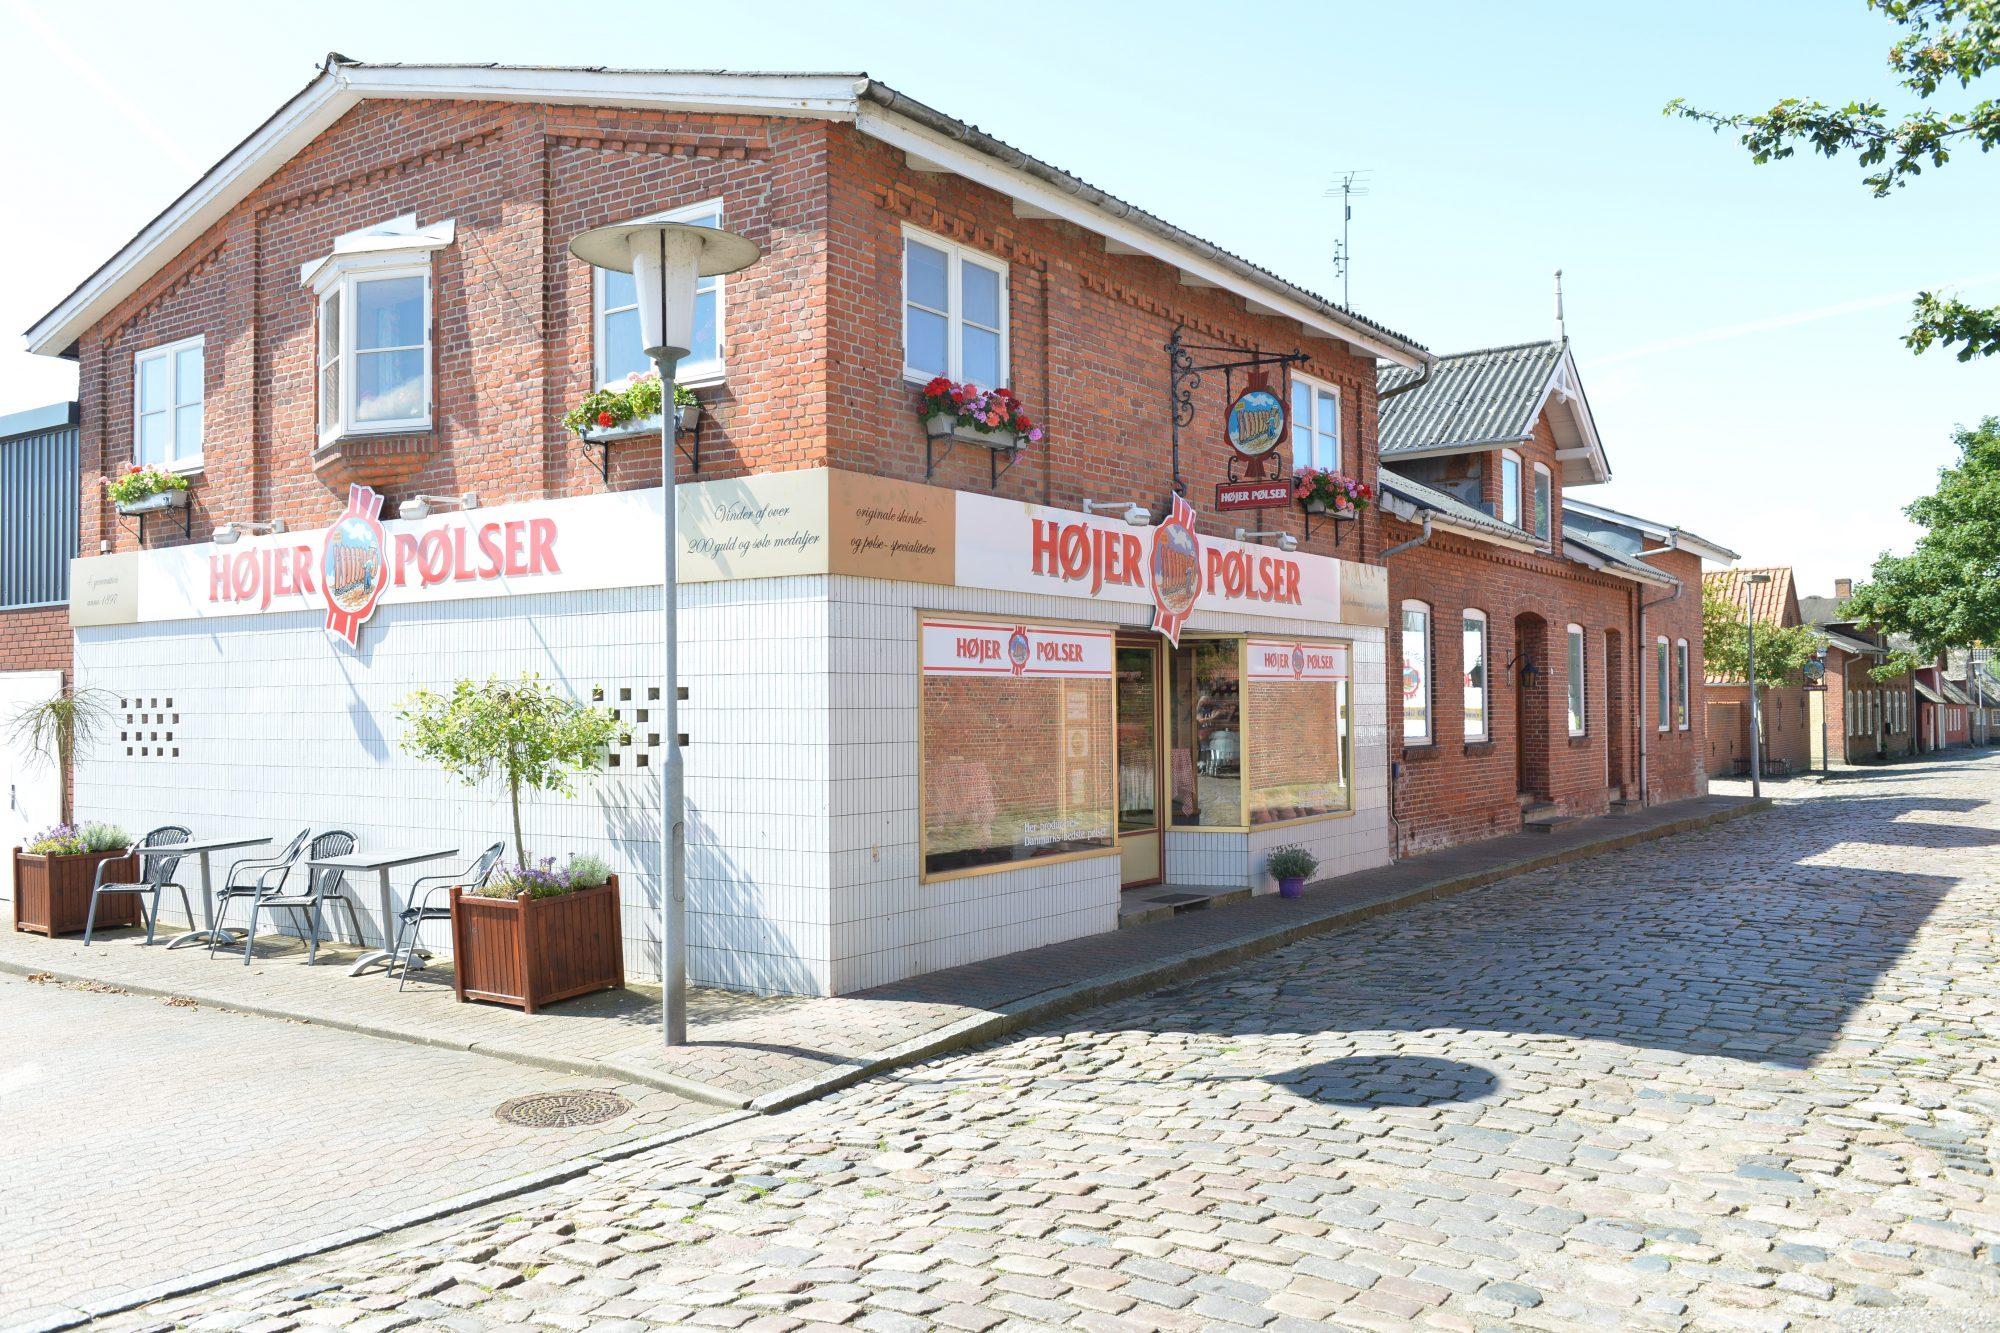 I en trivelig liten gate i den danske byen Højer, finner du Højer Pølser. Om du er glad i pølser, er dette stedet å besøke når du skal på tur til Danmark.